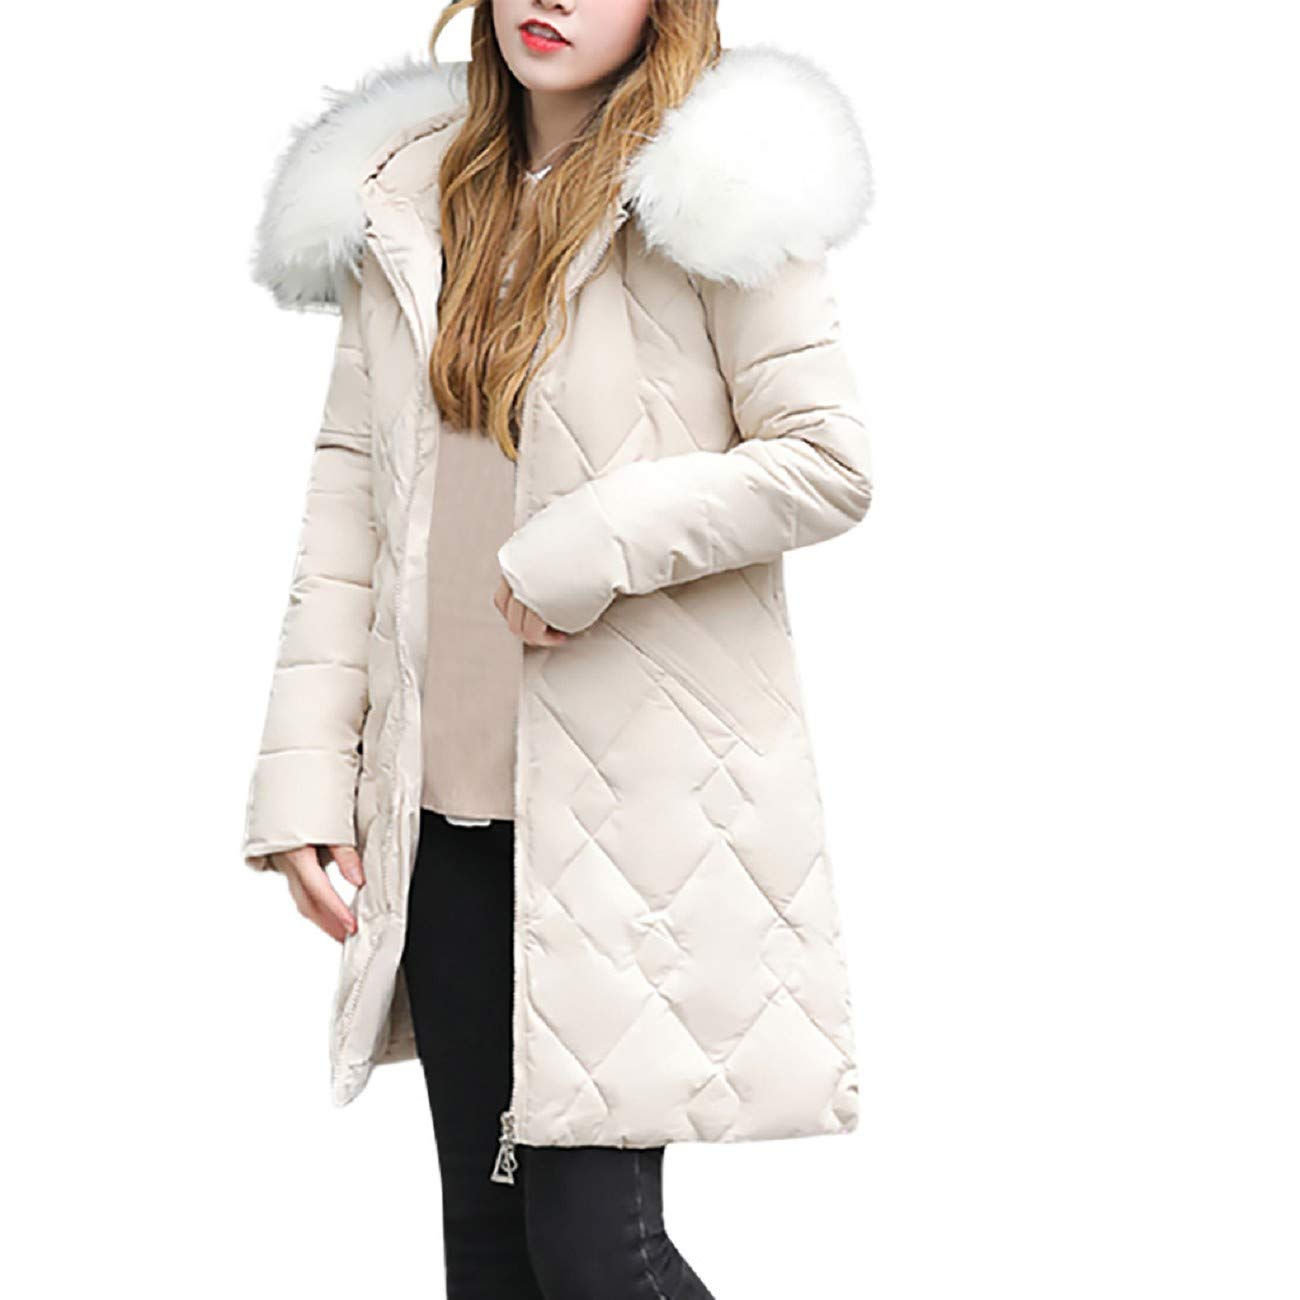 Dasuy Women Winter Warm Coat Stripe Hooded Thick Warm Slim Jacket Long Overcoat